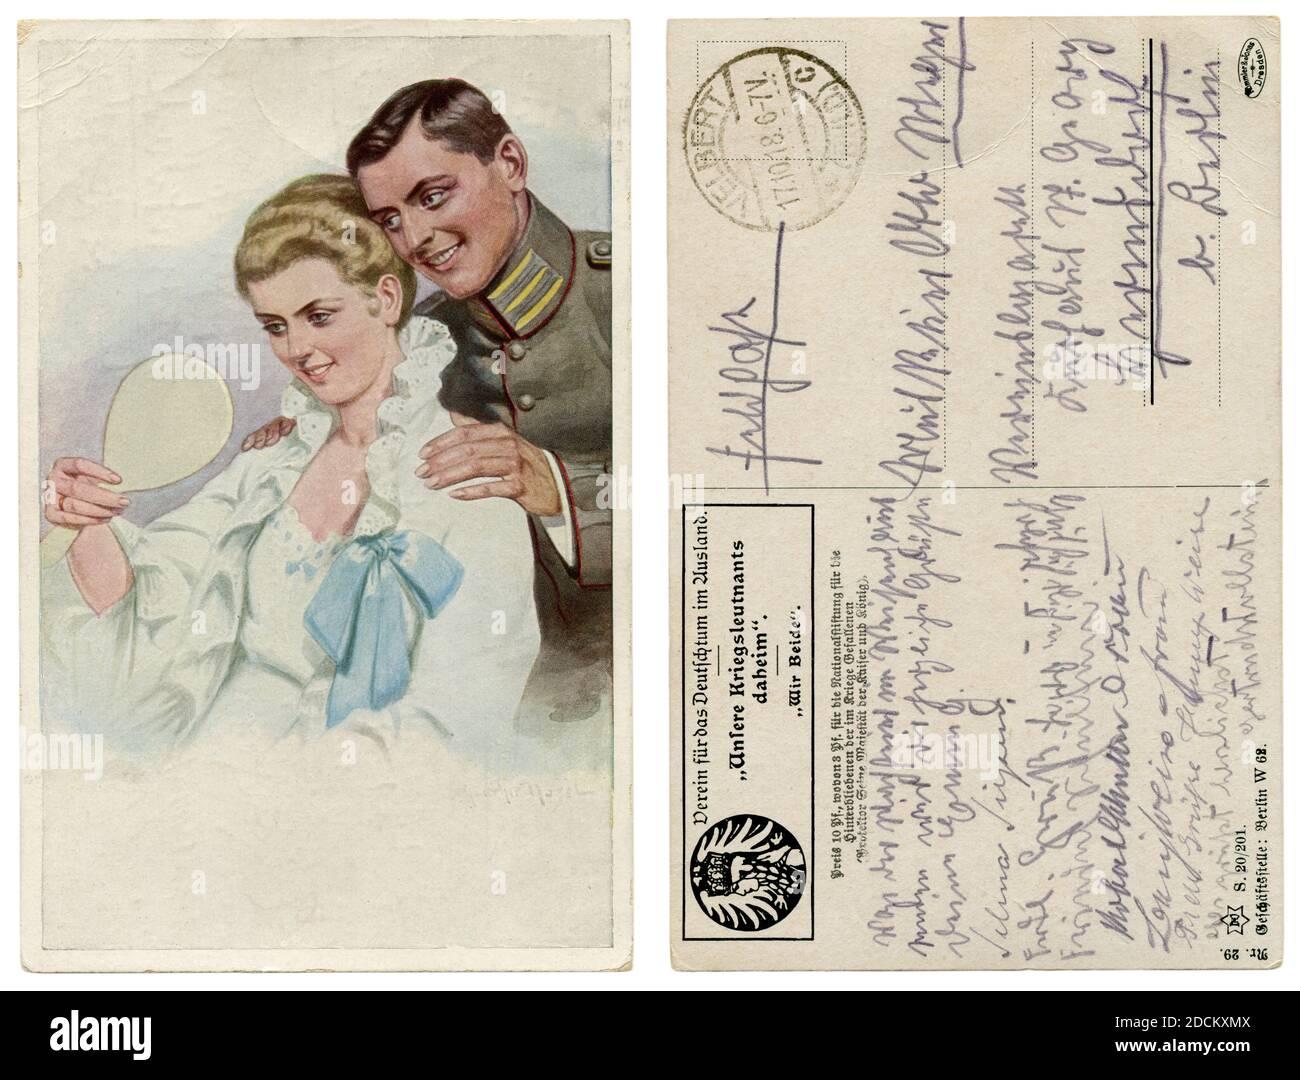 Carte postale historique allemande : un homme en uniforme militaire admire sa belle femme. Une dame dans une chemise de nuit regarde dans le miroir. World War One, 1914-18 Banque D'Images